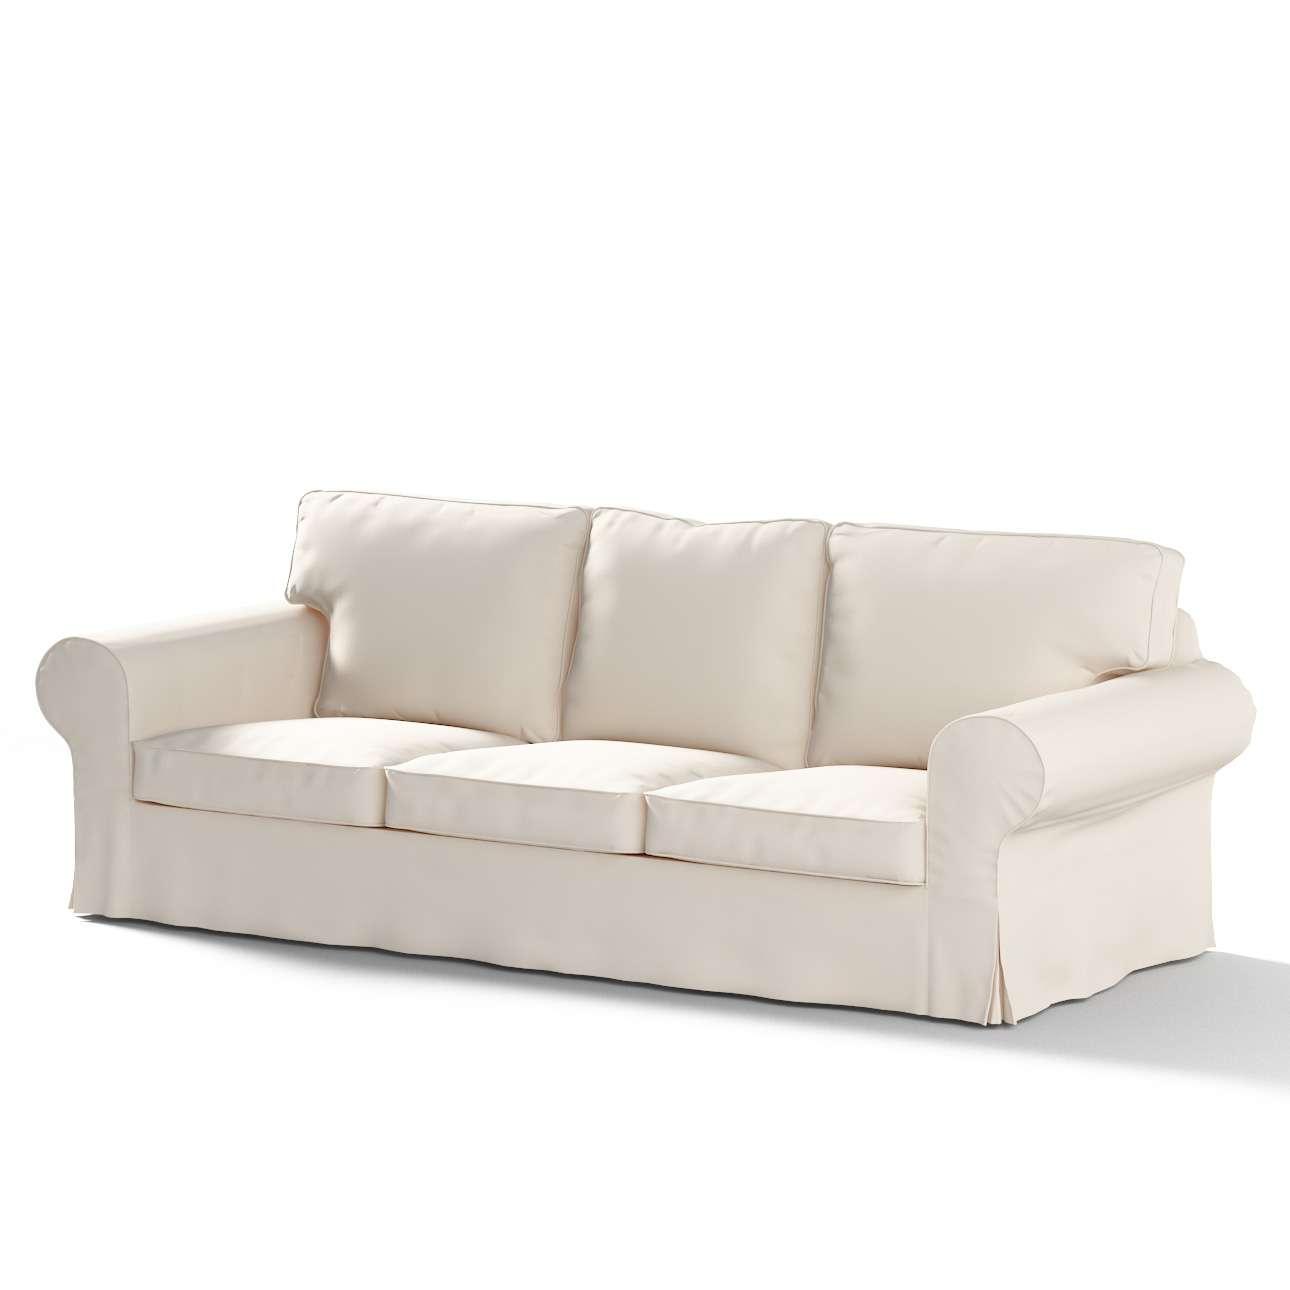 Pokrowiec na sofę Ektorp 3-osobową, rozkładaną STARY MODEL Sofa Ektorp 3-osobowa rozkładana w kolekcji Etna , tkanina: 705-01